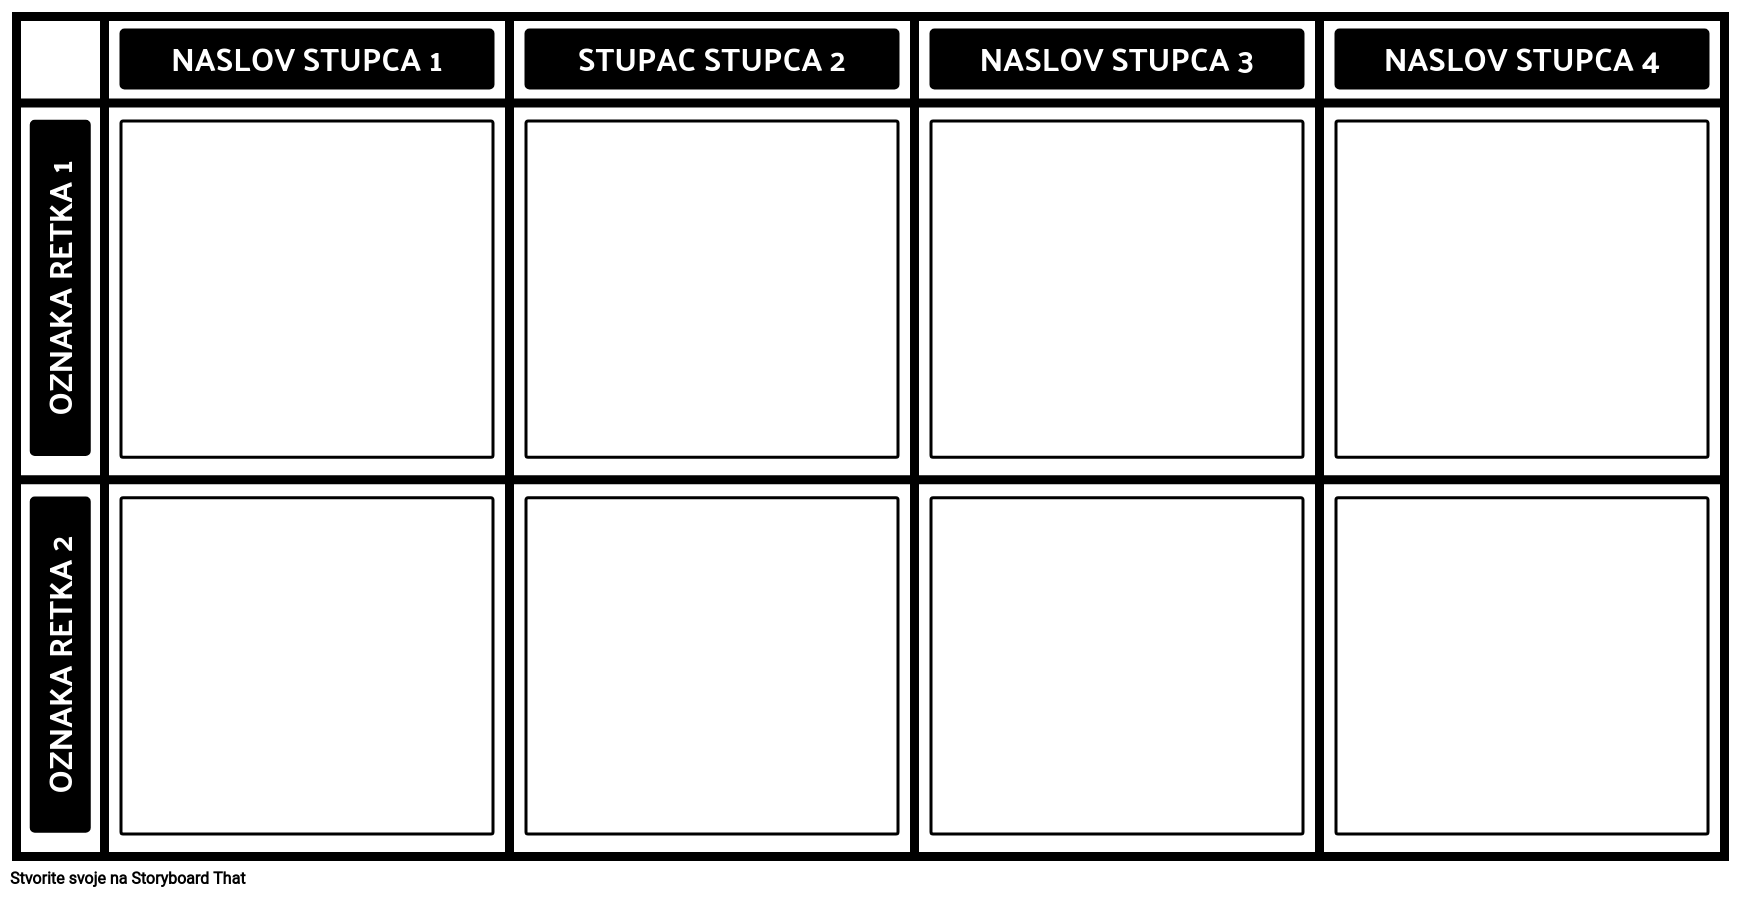 Prazan 2x4 Grafikon